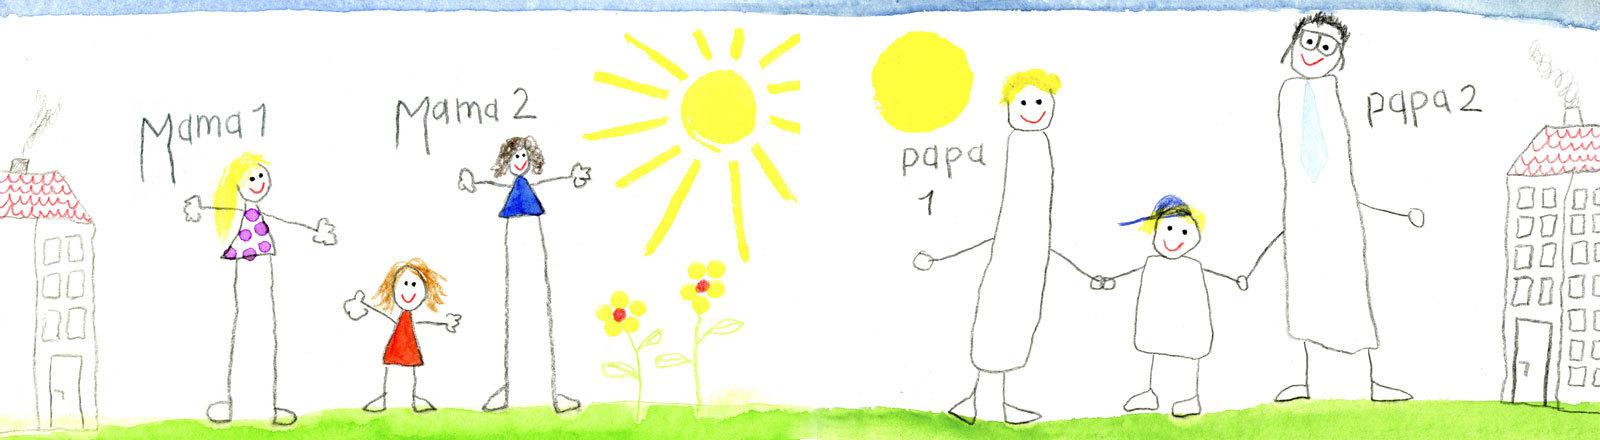 """Zwei Kinderzeichnung auf der ein Mädchen und zwei Erwachsene und ein Junge und zwei Erwachsene zu sehen sind. Links wurden die Erwachsenen mit """"Mama1"""" und """"Mama2"""" beschrieben und rechts mit """"Papa1"""" und Papa2""""."""